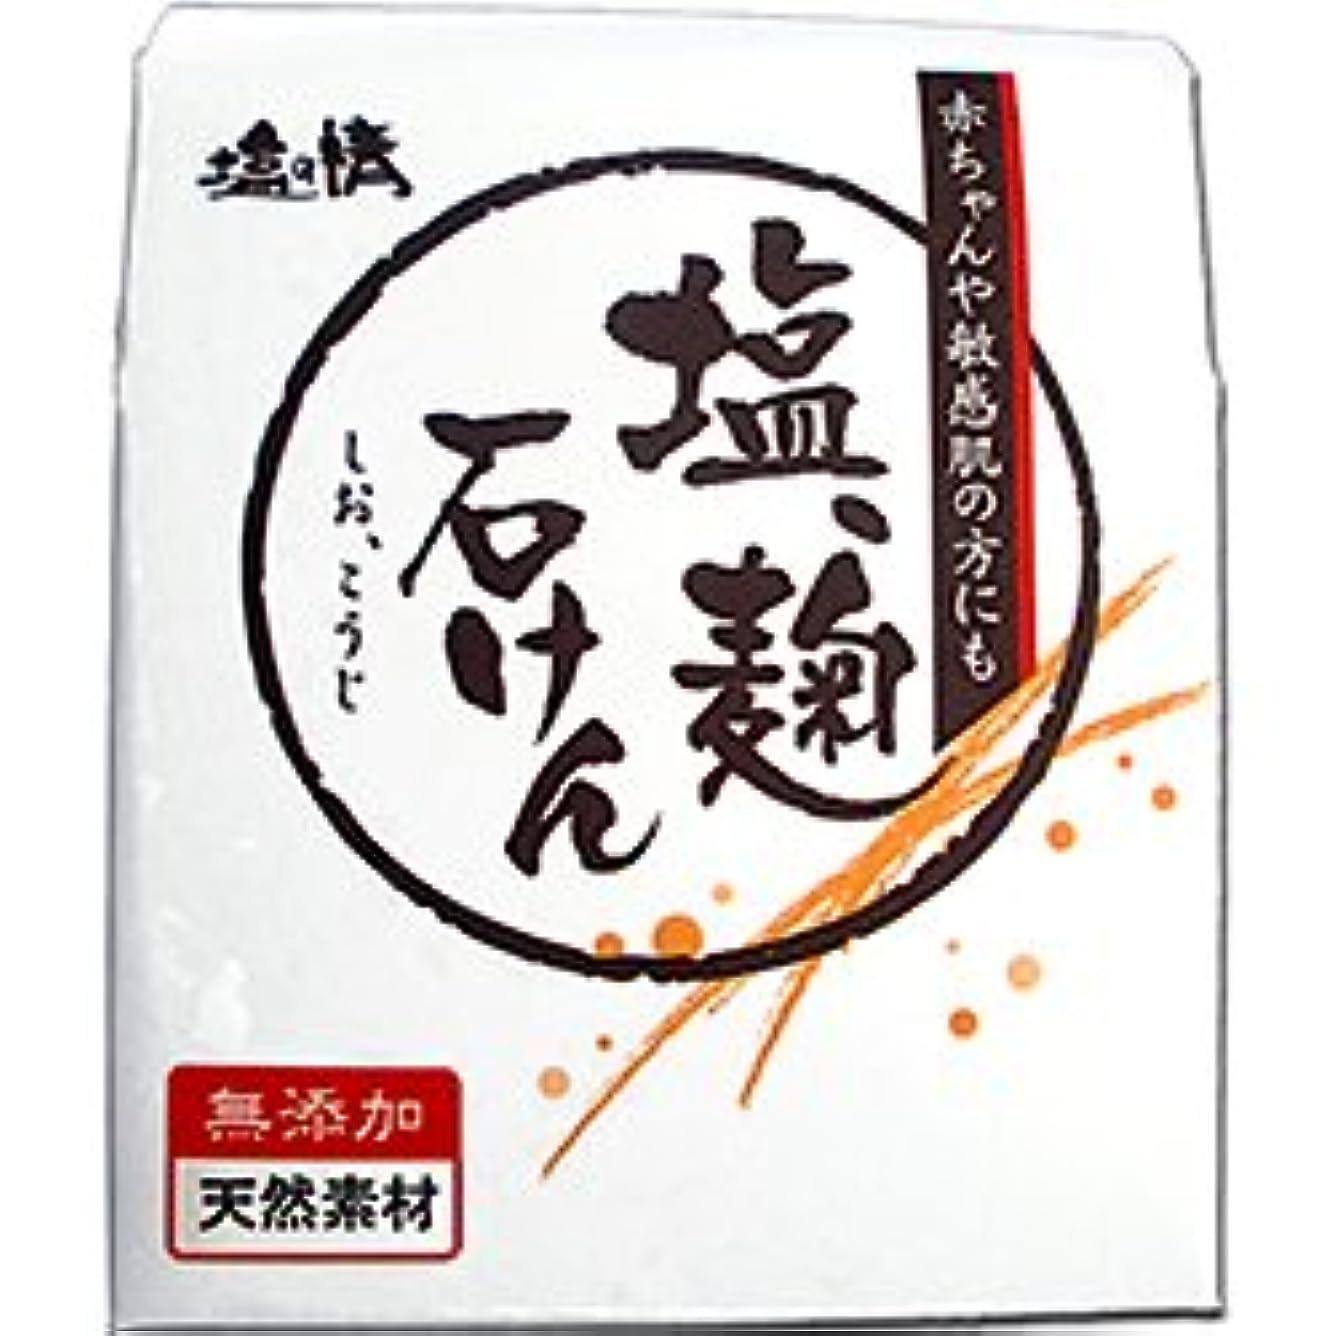 粒別れる一流【ダイムヘルスケア】塩の精 塩、麹石けん(しお、こうじせっけん) 無添加?天然素材 80g ×3個セット